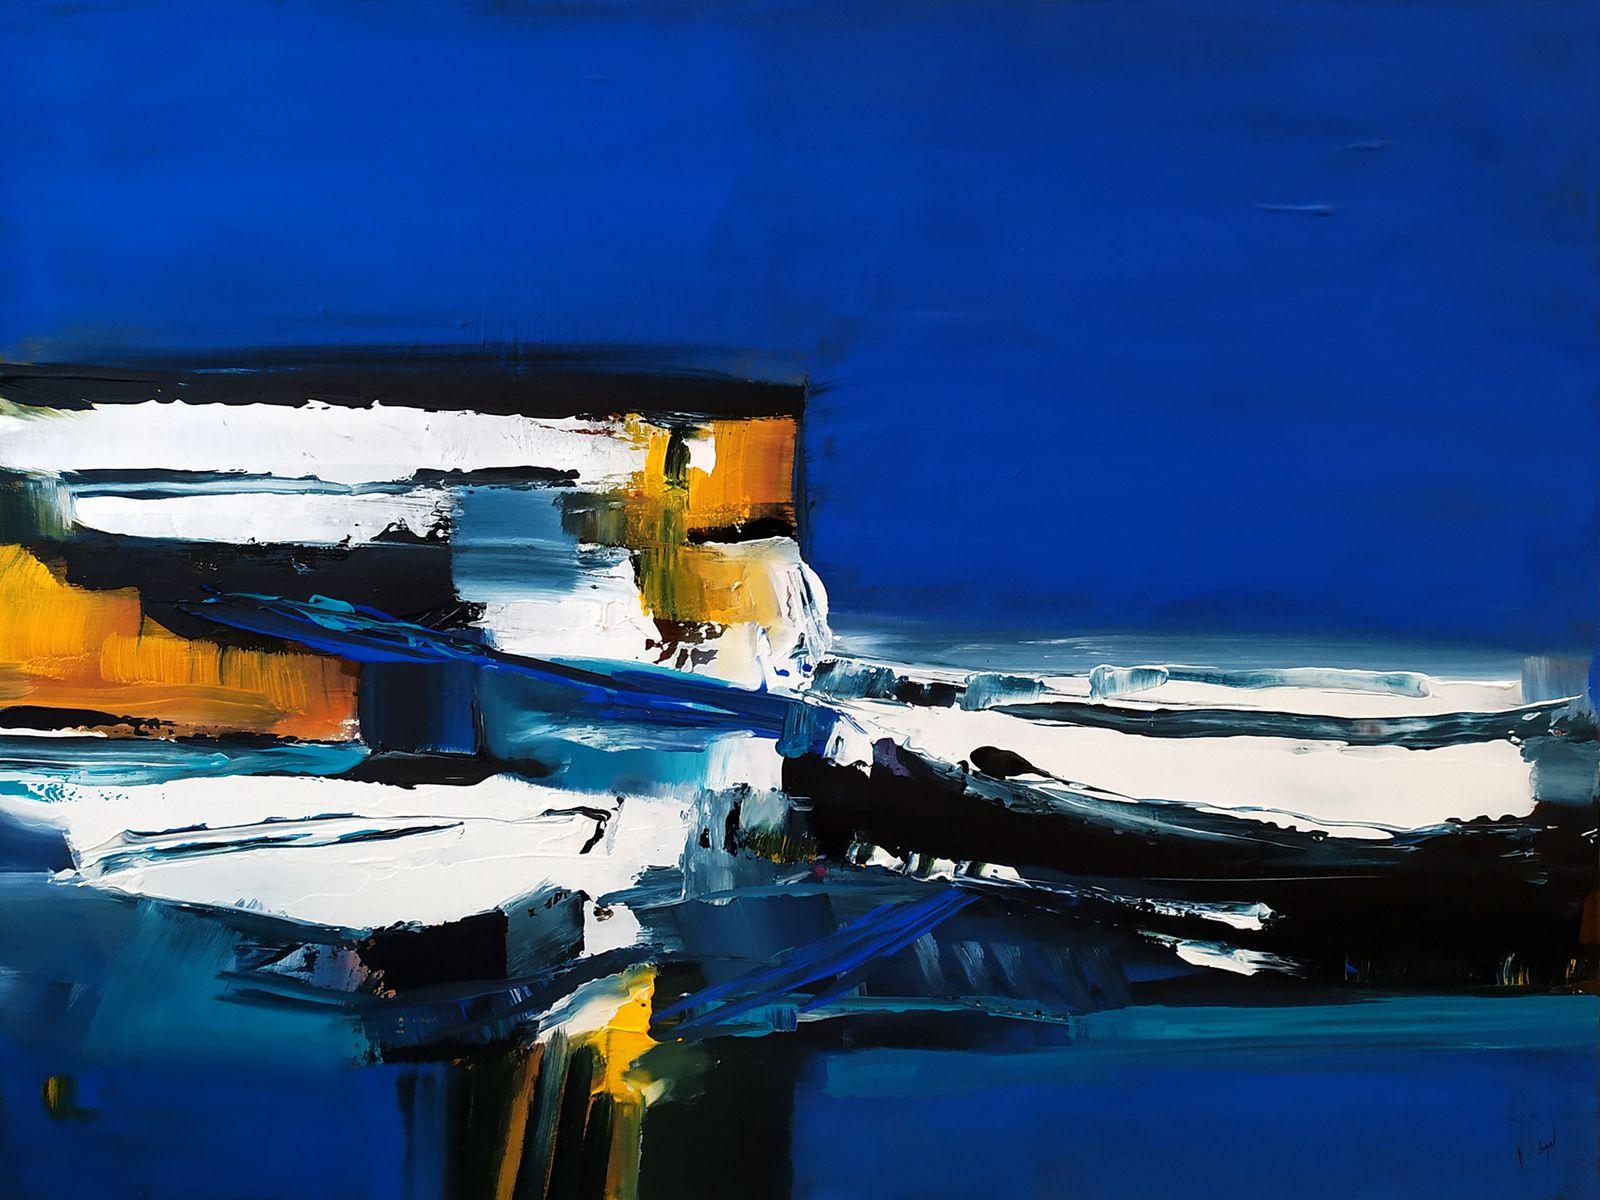 L'équilibre atmosphérique - Acrylique sur toile - 65x81 cm - Muriel CAYET